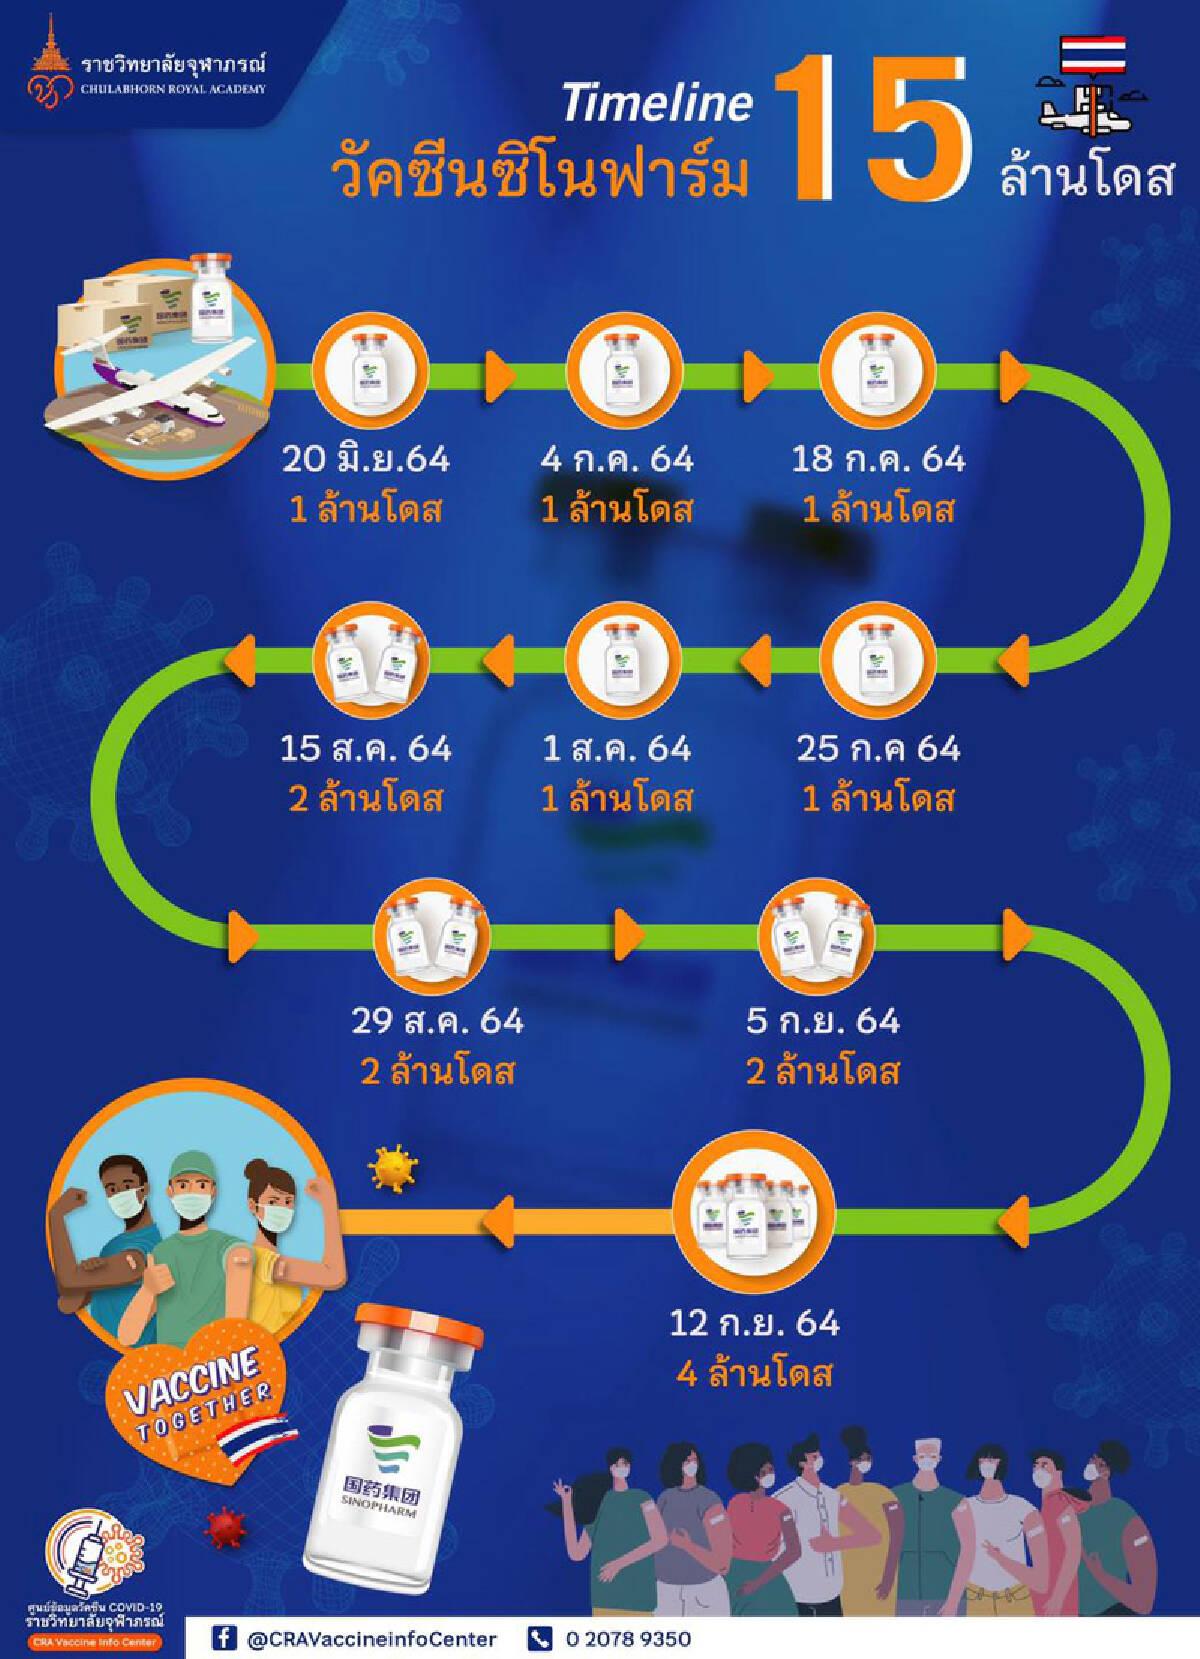 ศูนย์ข้อมูลราชวิทยาลัยจุฬาภรณ์ เผย ซิโนฟาร์ม 4 ล้านโดส ถึงไทยแล้ว